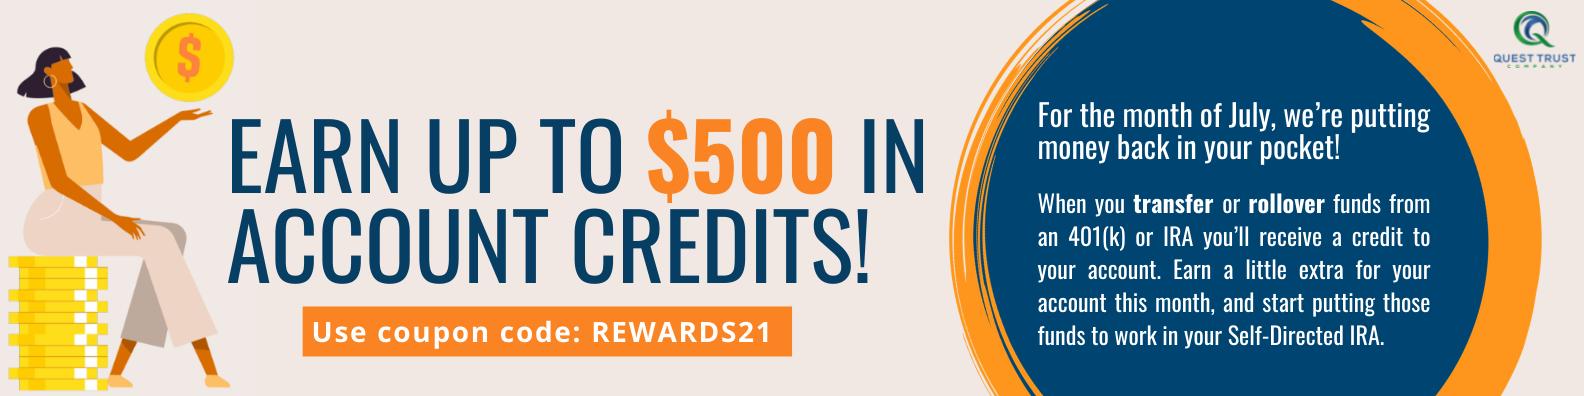 Open an Account - REWARDS21